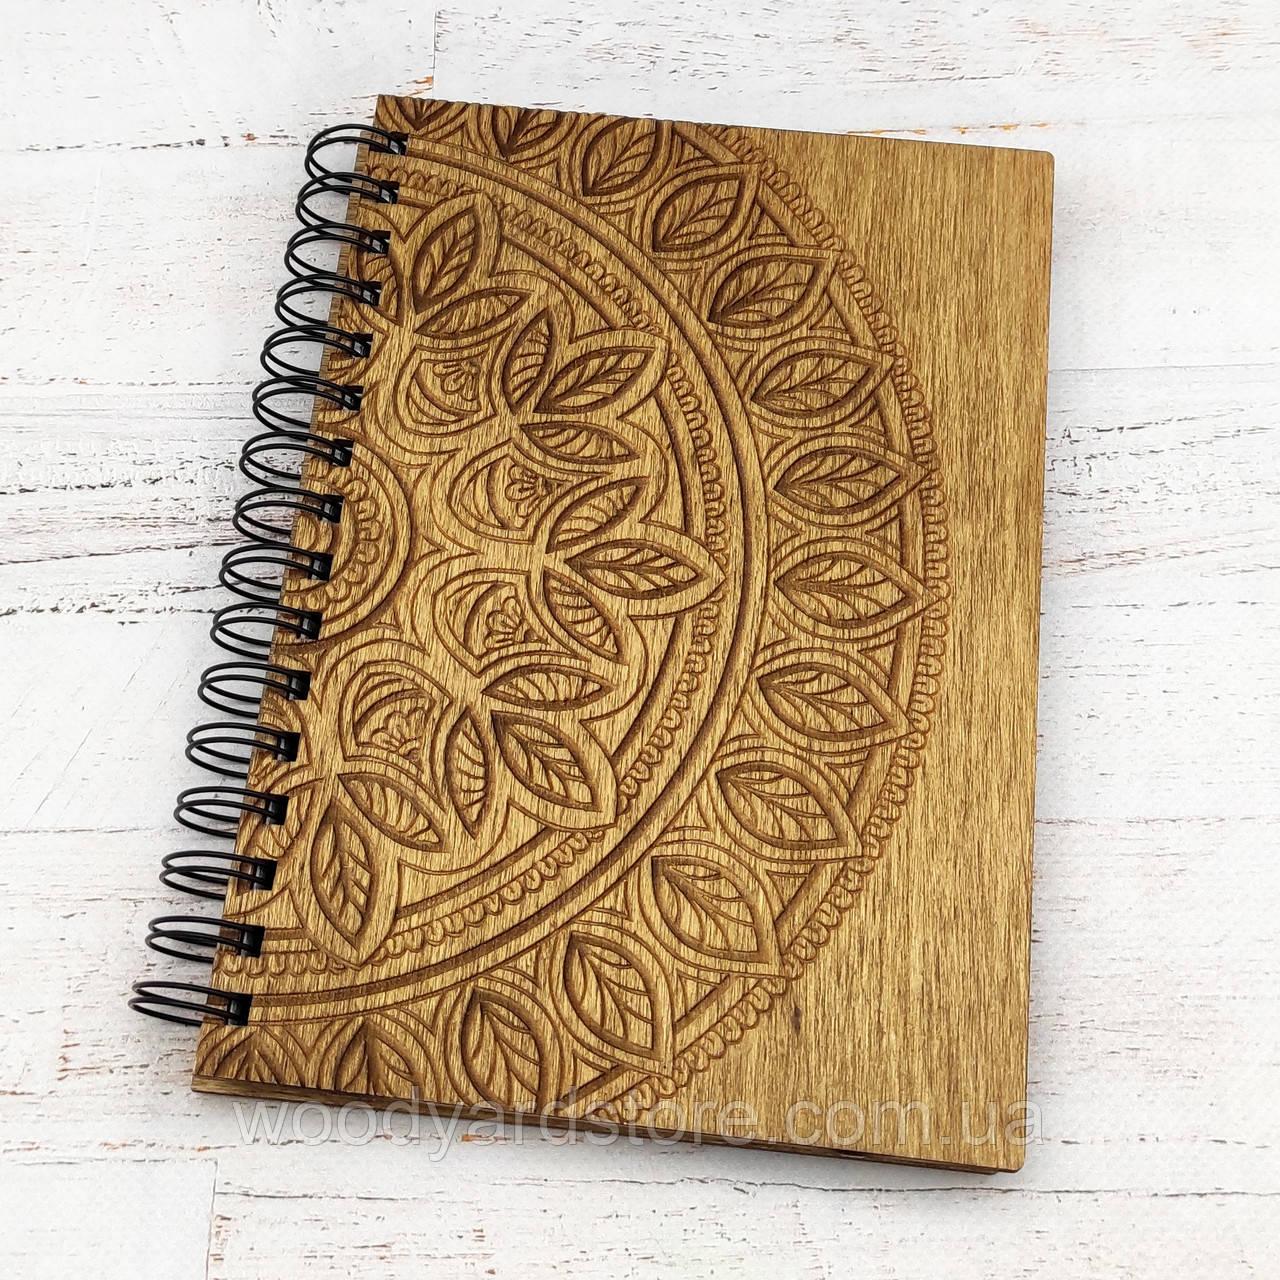 """Дерев'яний блокнот А5. Дизайн """"Мандала"""". Аркуші кольору """"слонова кістка"""" в крапочку.  Колір обкладинки дуб (світло-коричневий)."""